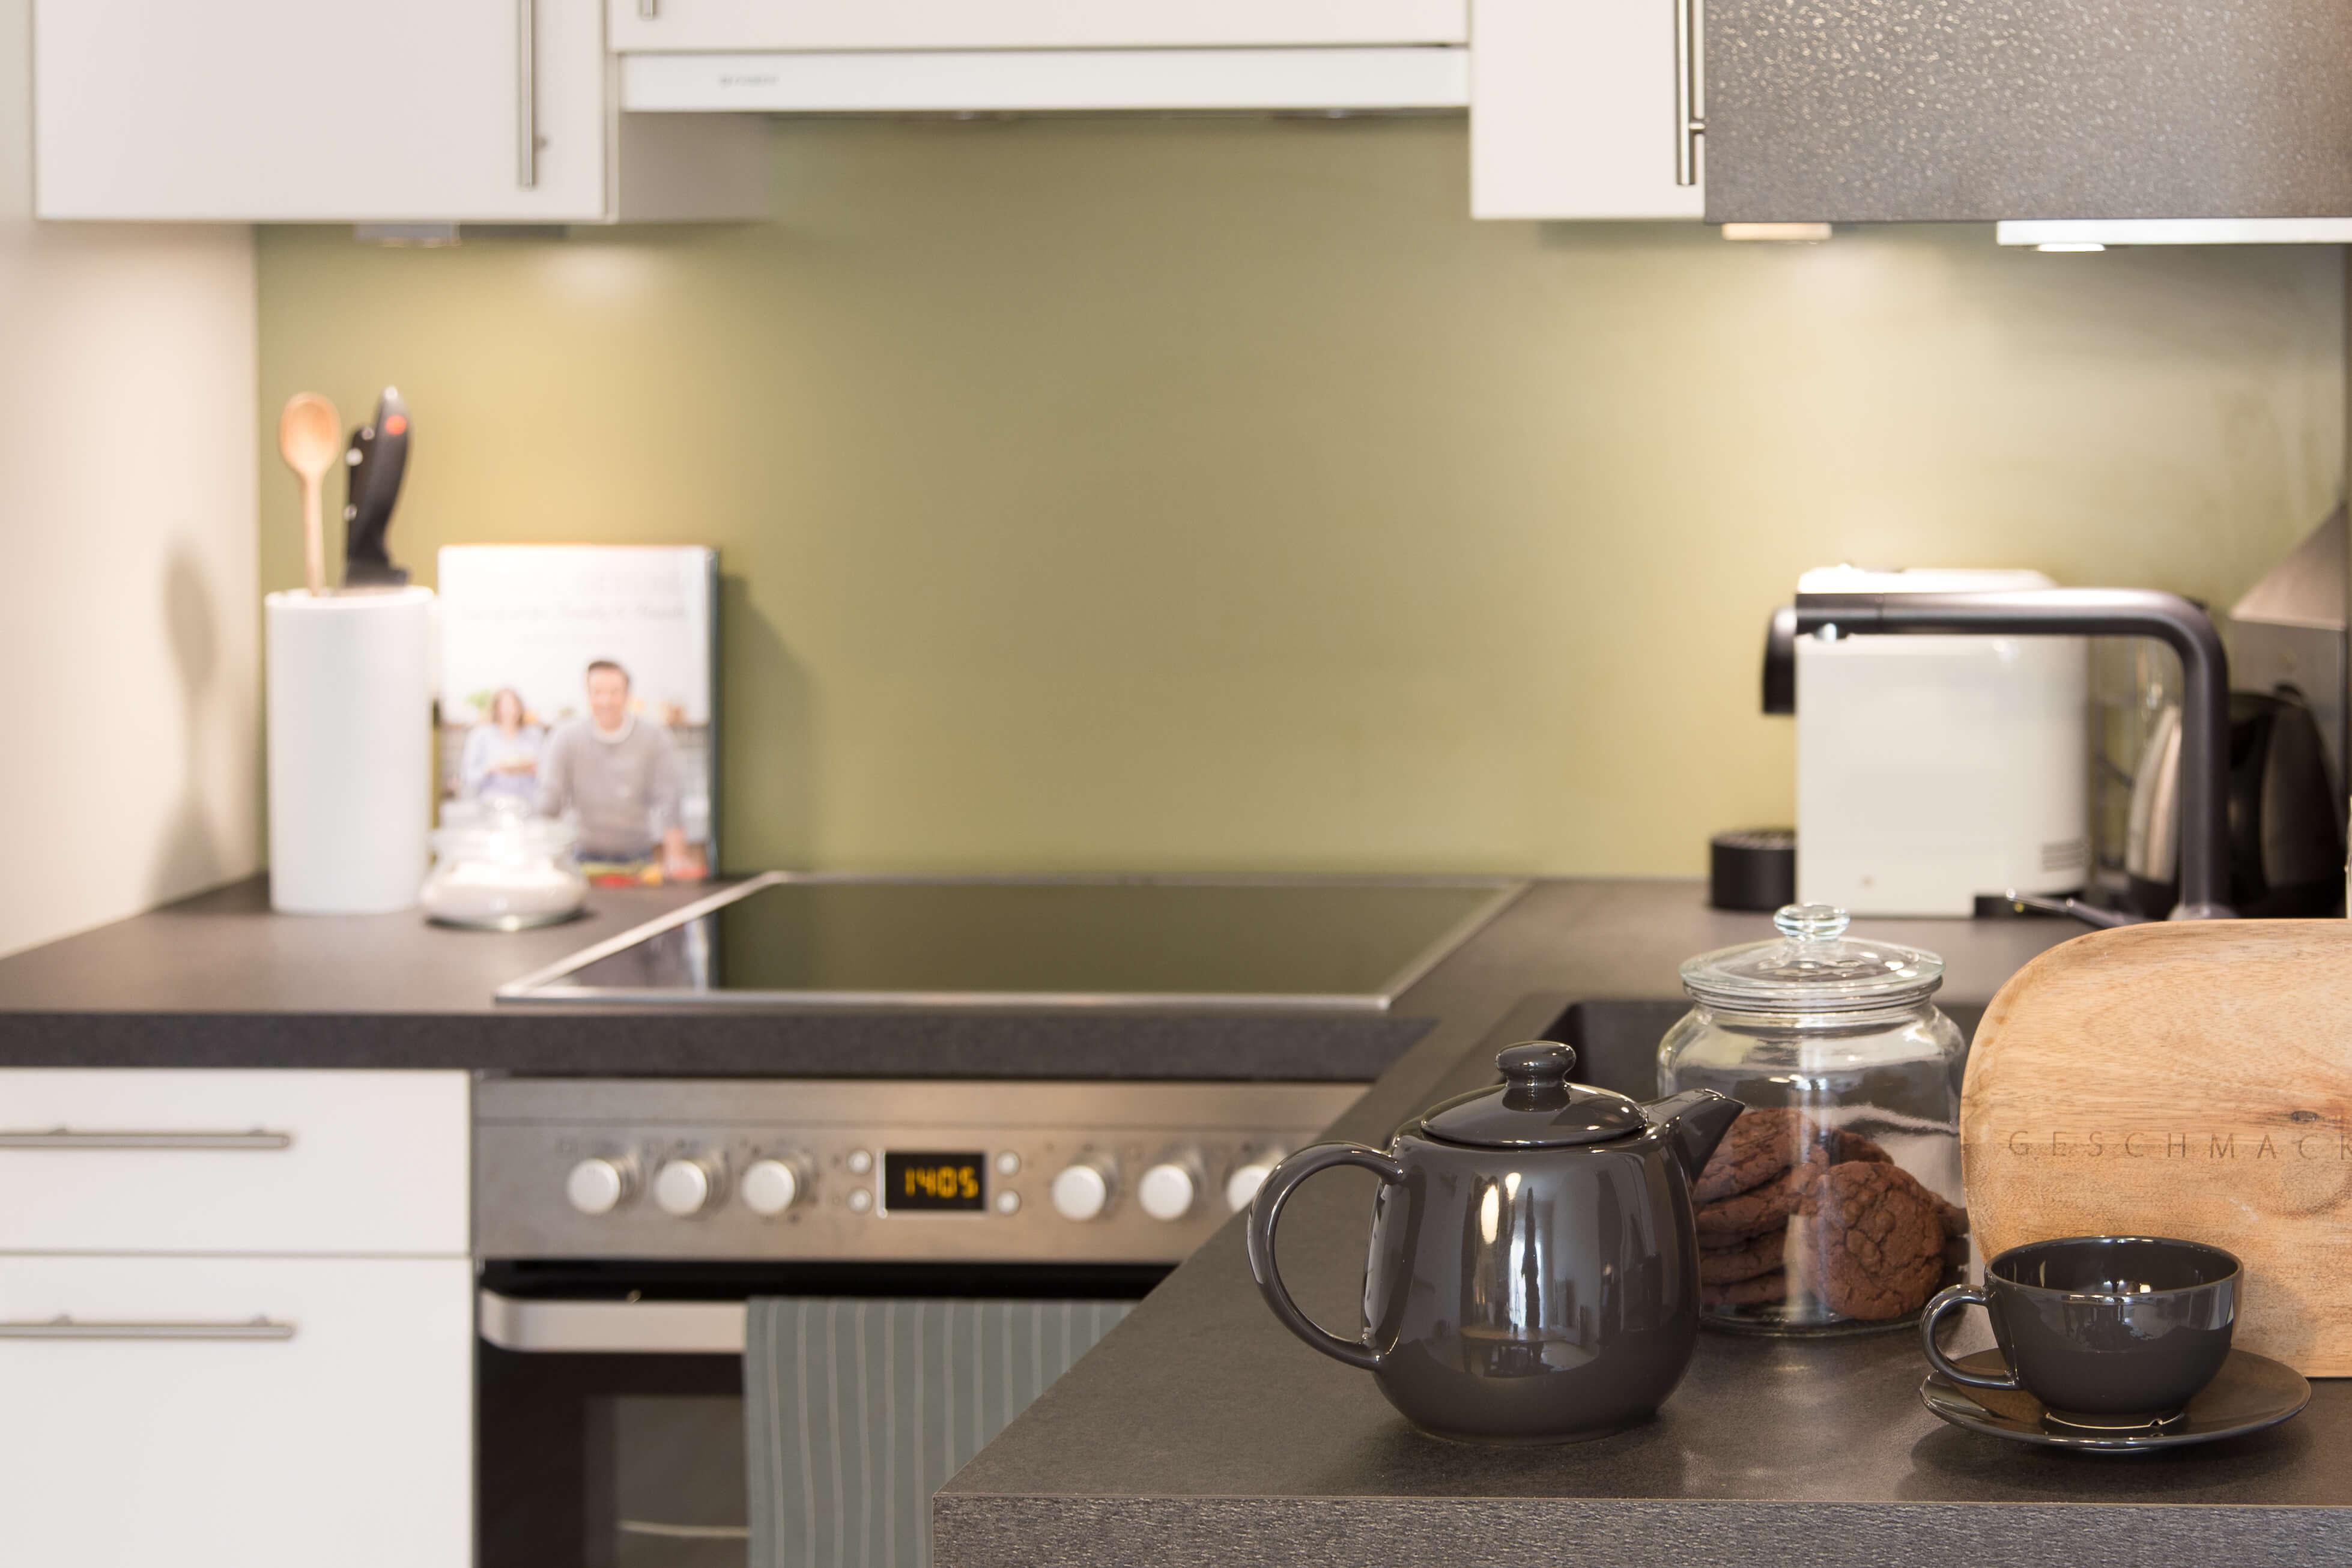 Küche-umgestalten-natürliche-Töne